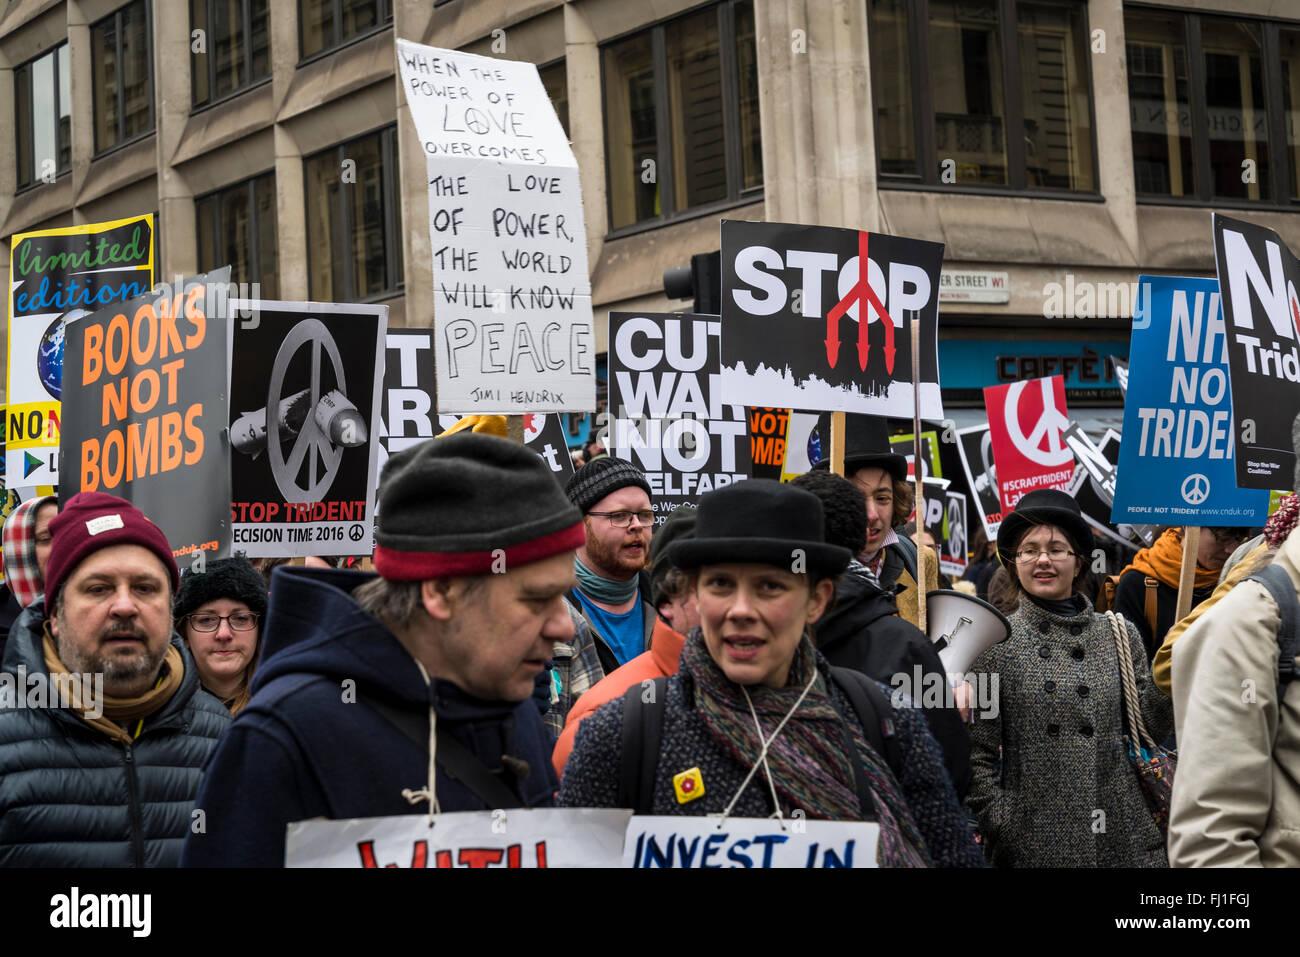 London, UK. 27. Februar 2016. Stoppen Sie Trident Demonstration, organisiert von der Kampagne für nukleare Abrüstung, London, England, UK. 27.02.2016 Credit: Bjanka Kadic/Alamy Live-Nachrichten Stockfoto